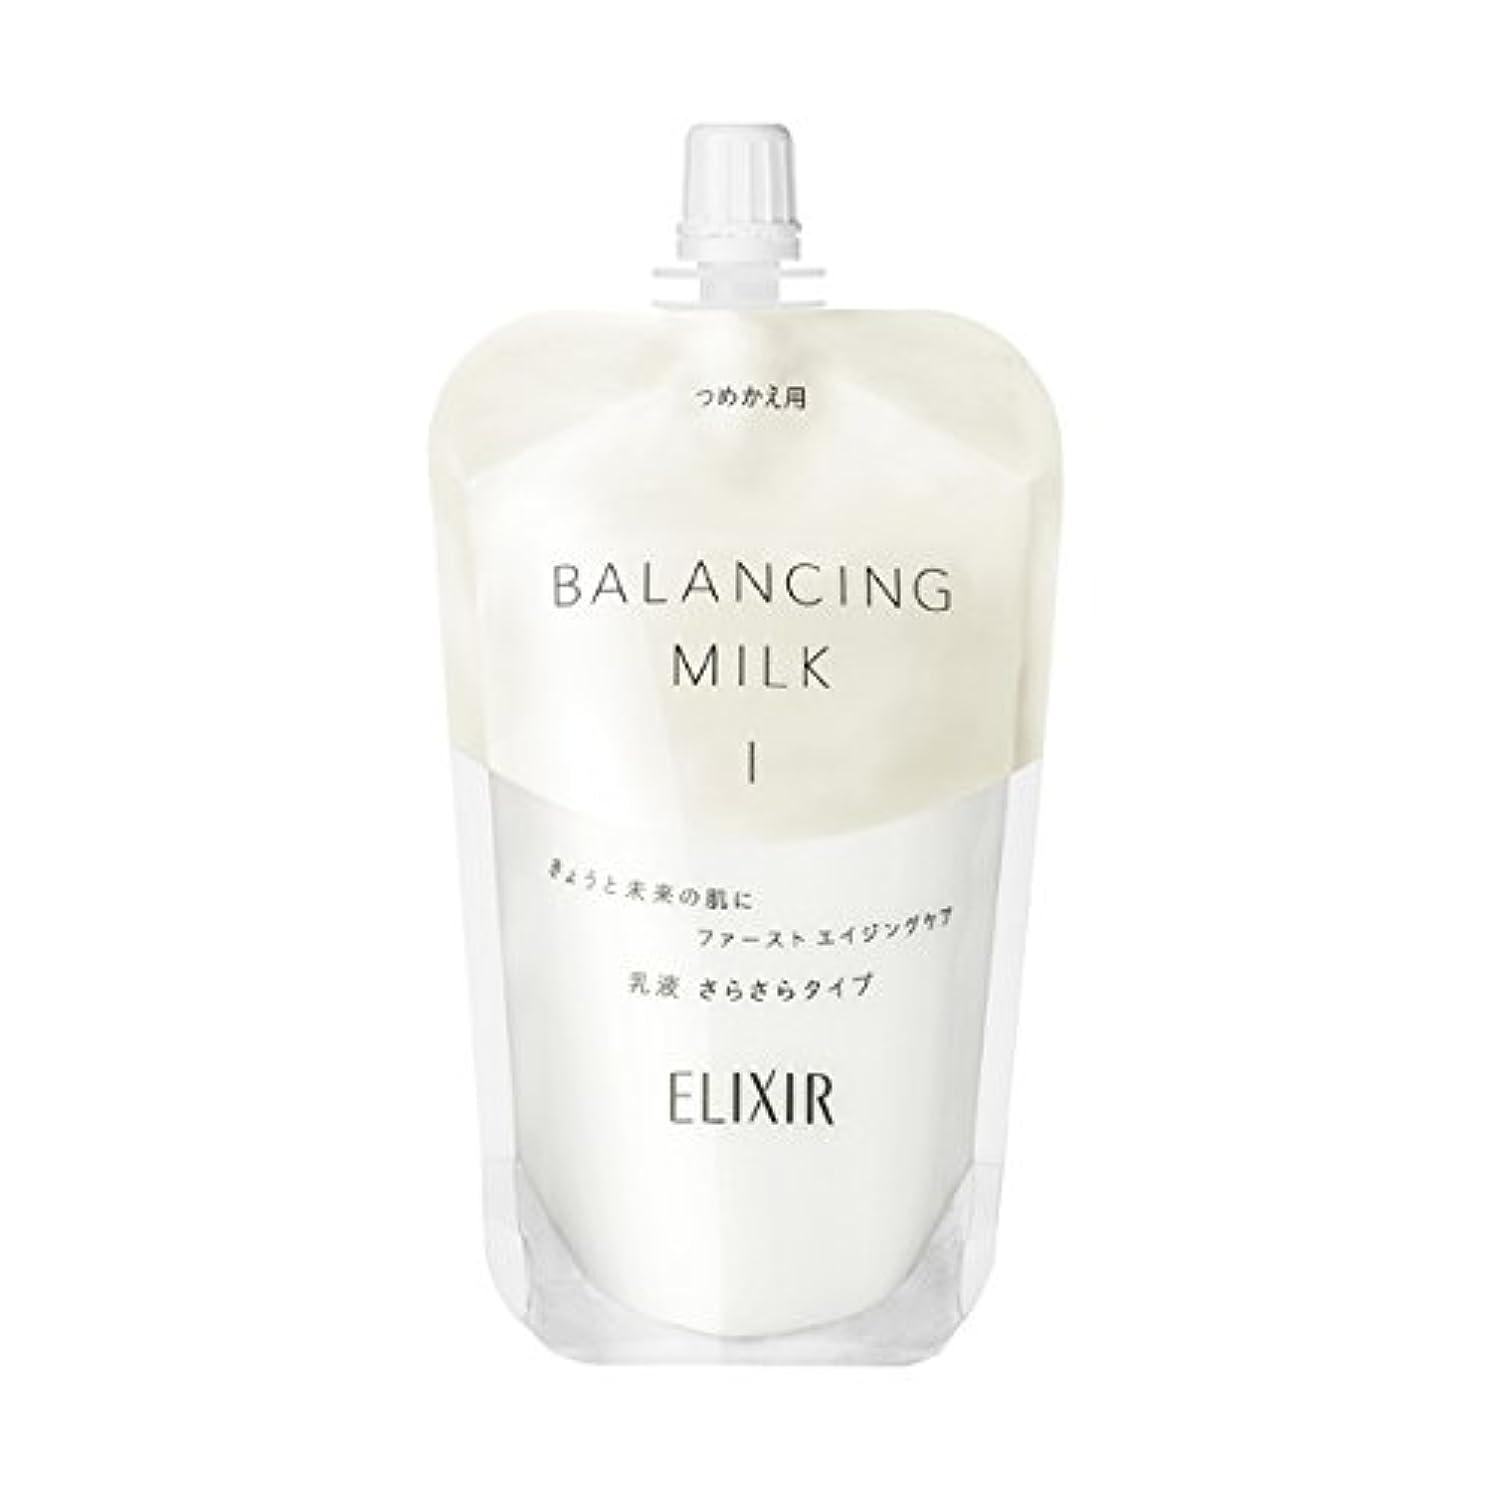 騙す近々ガチョウエリクシール ルフレ バランシング ミルク 乳液 1 (さらさらタイプ) (つめかえ用) 110mL